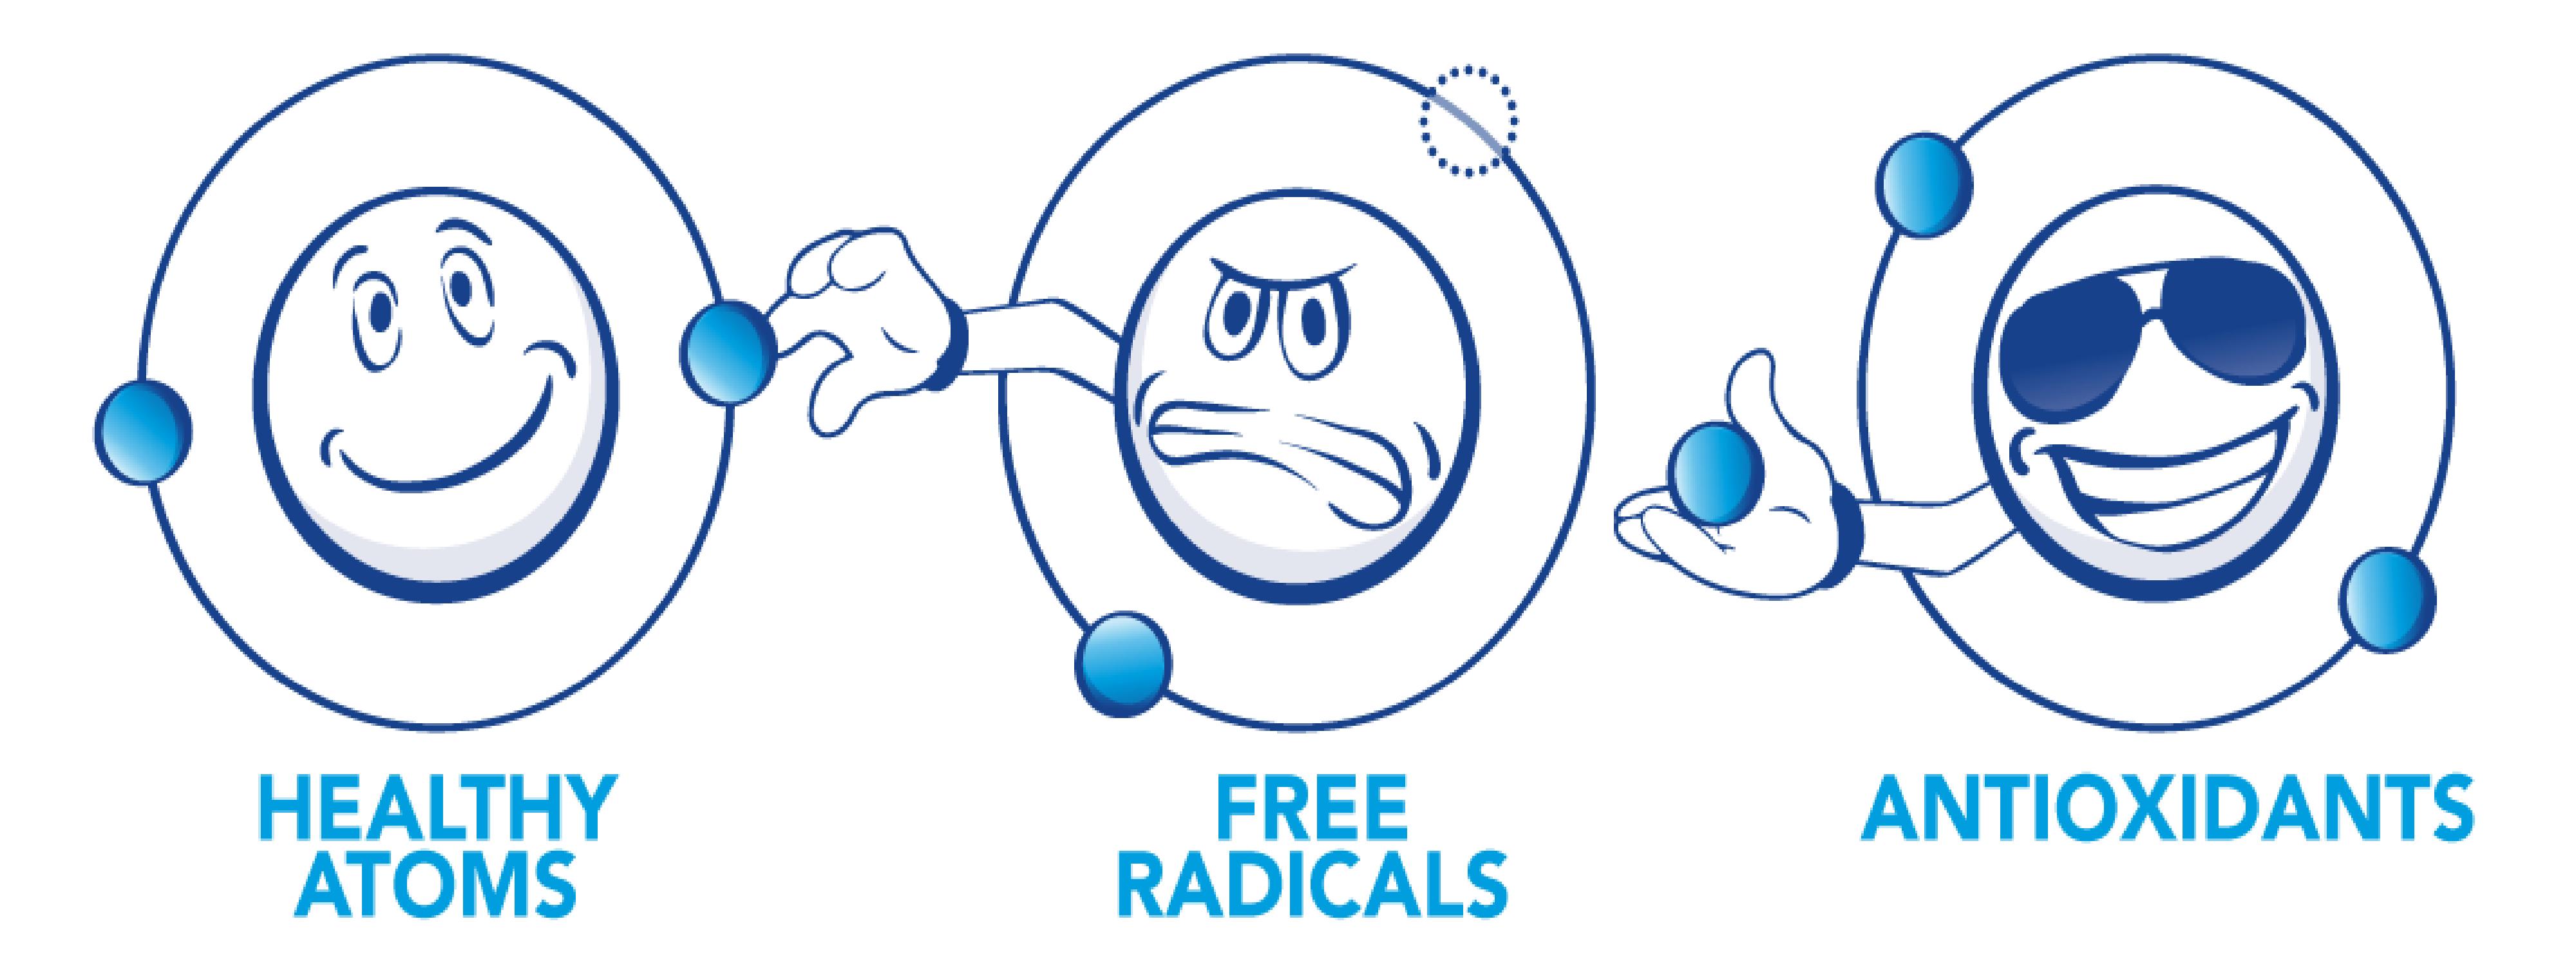 Radicali liberi cosa sono e come combatterli